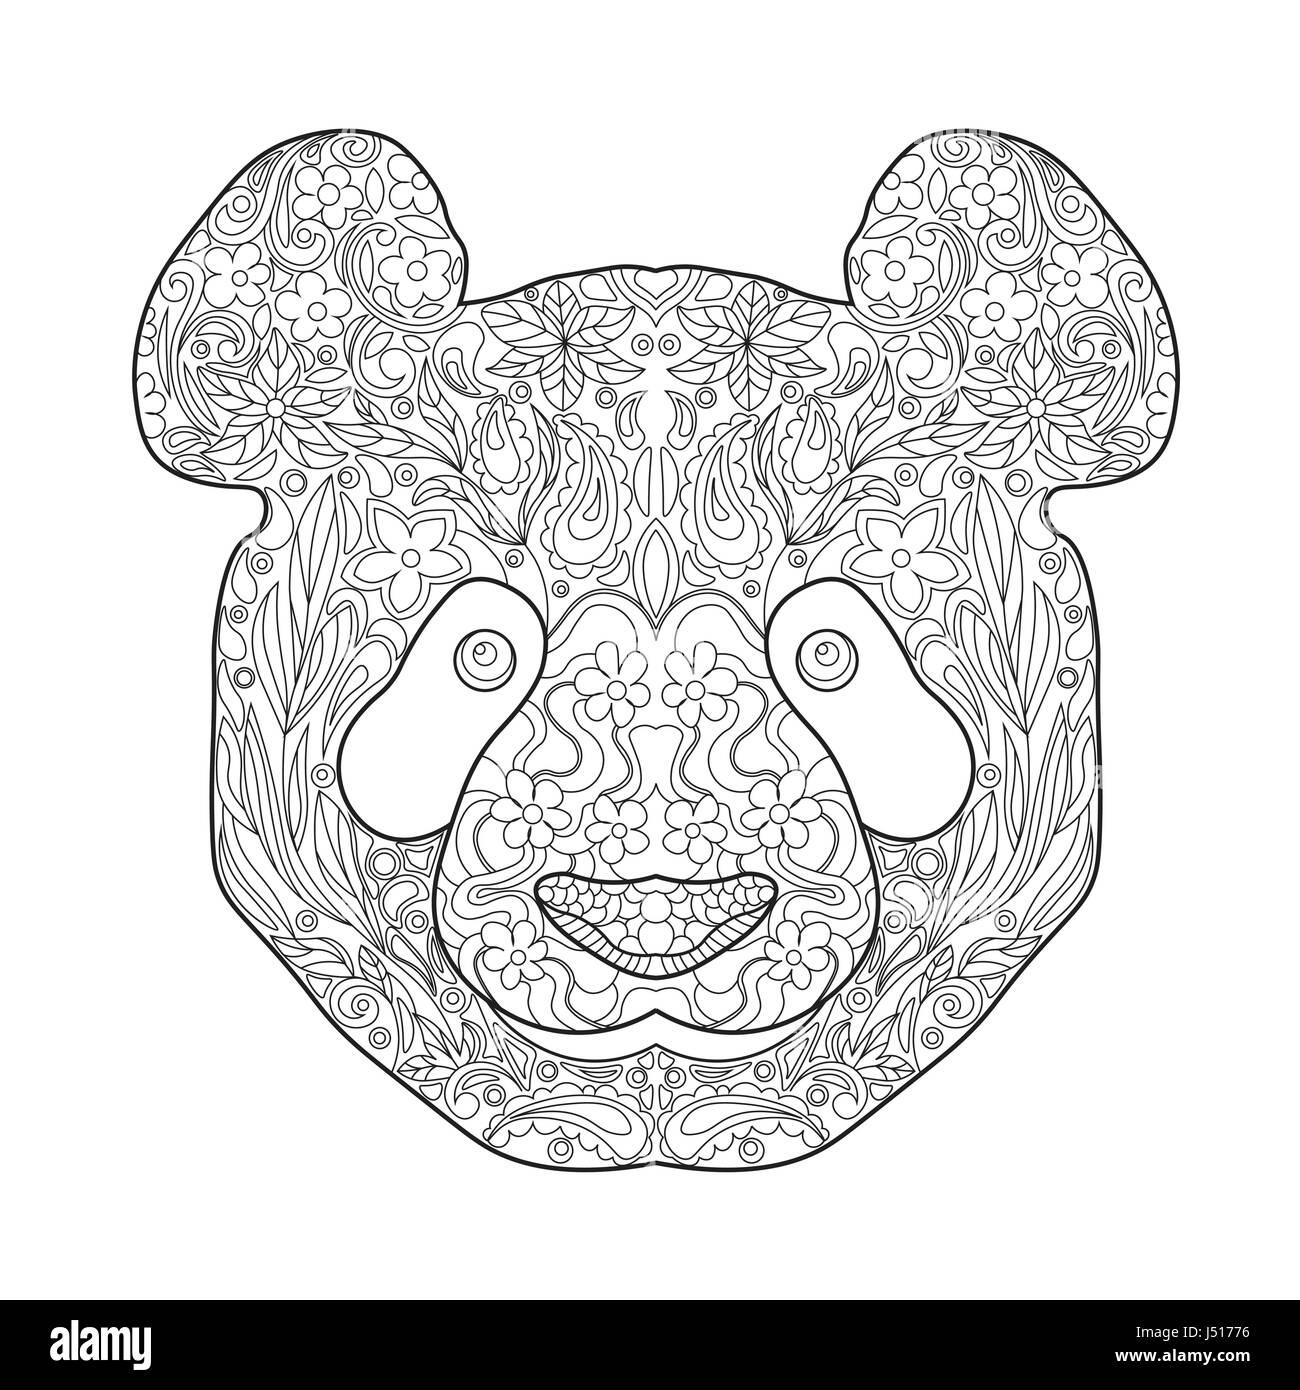 Zentagle Ethniques Dessines A La Main Orne De La Tete De Panda